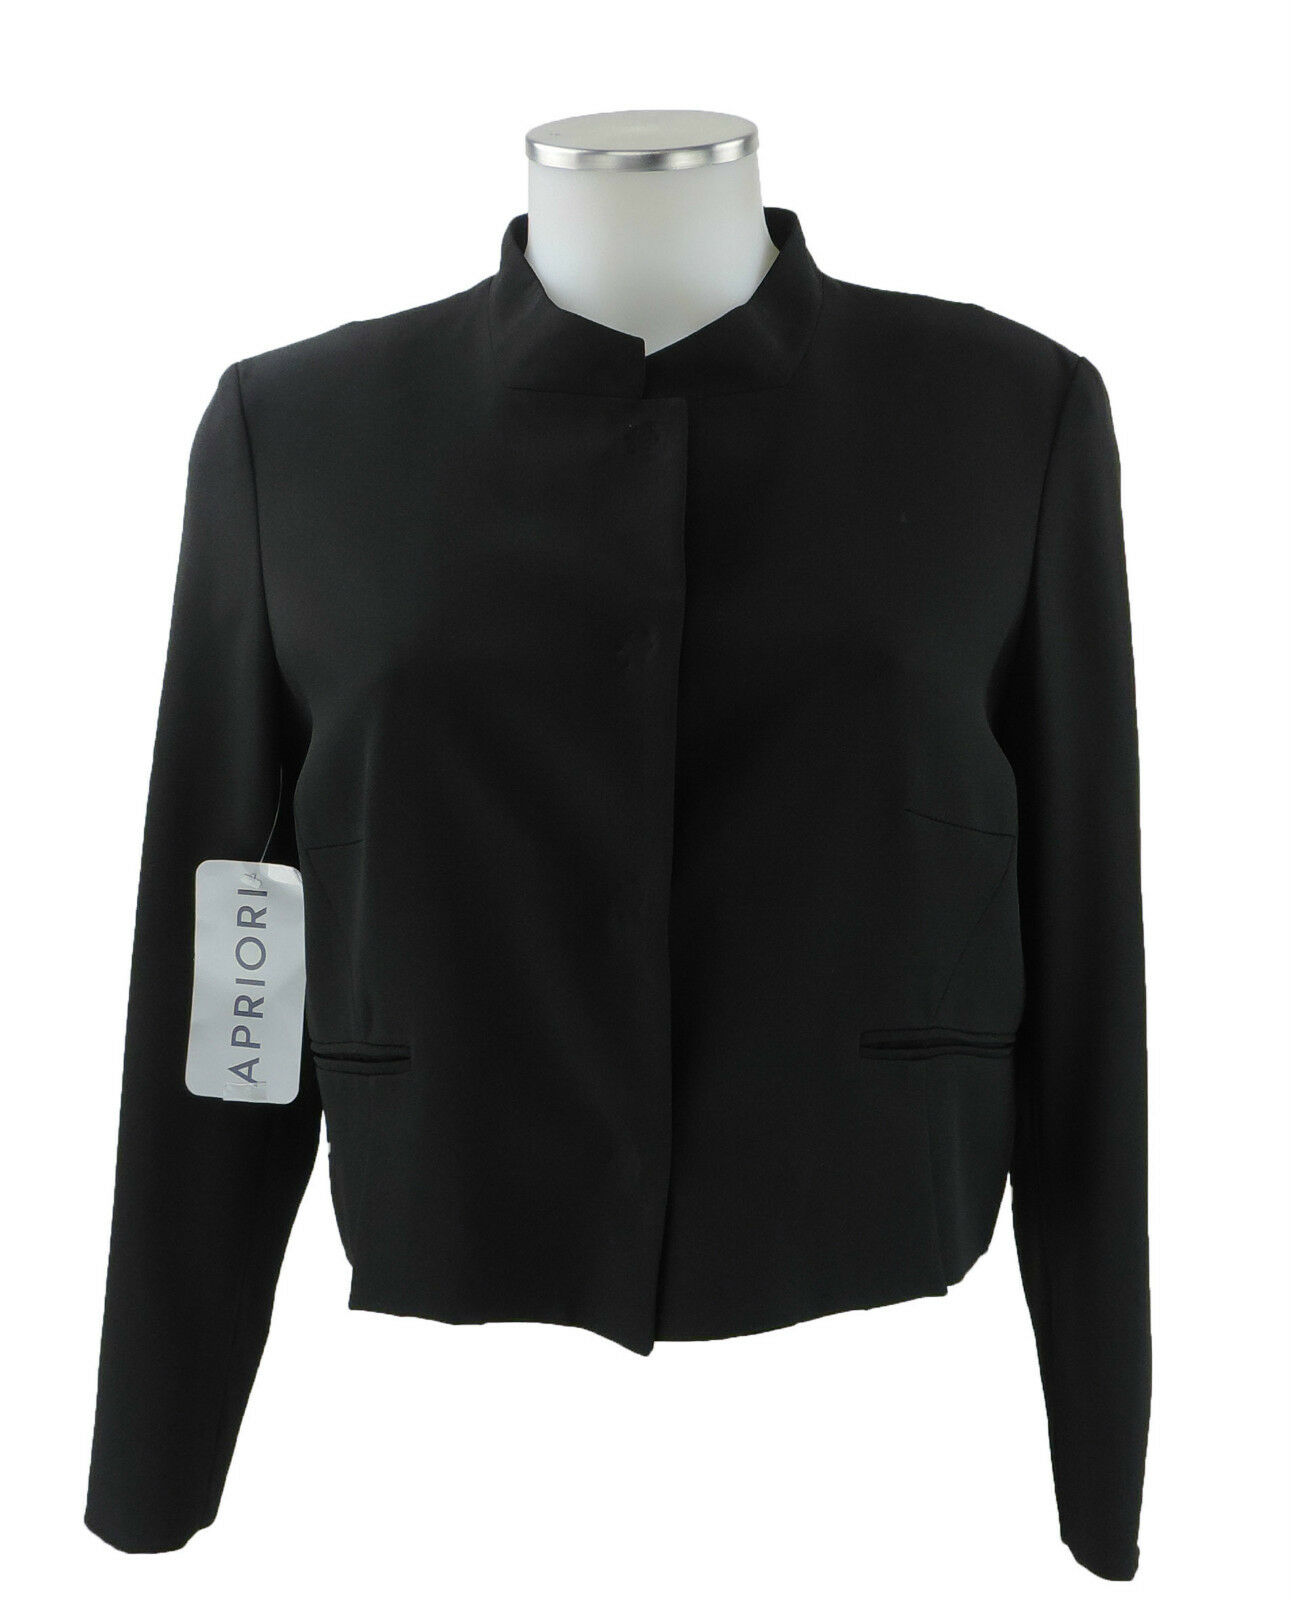 d6842ee2f21346 Apriori Blazer 38 schwarz kurz Bolero kurze Jacke Sakko Polyester neu m.  Etikett